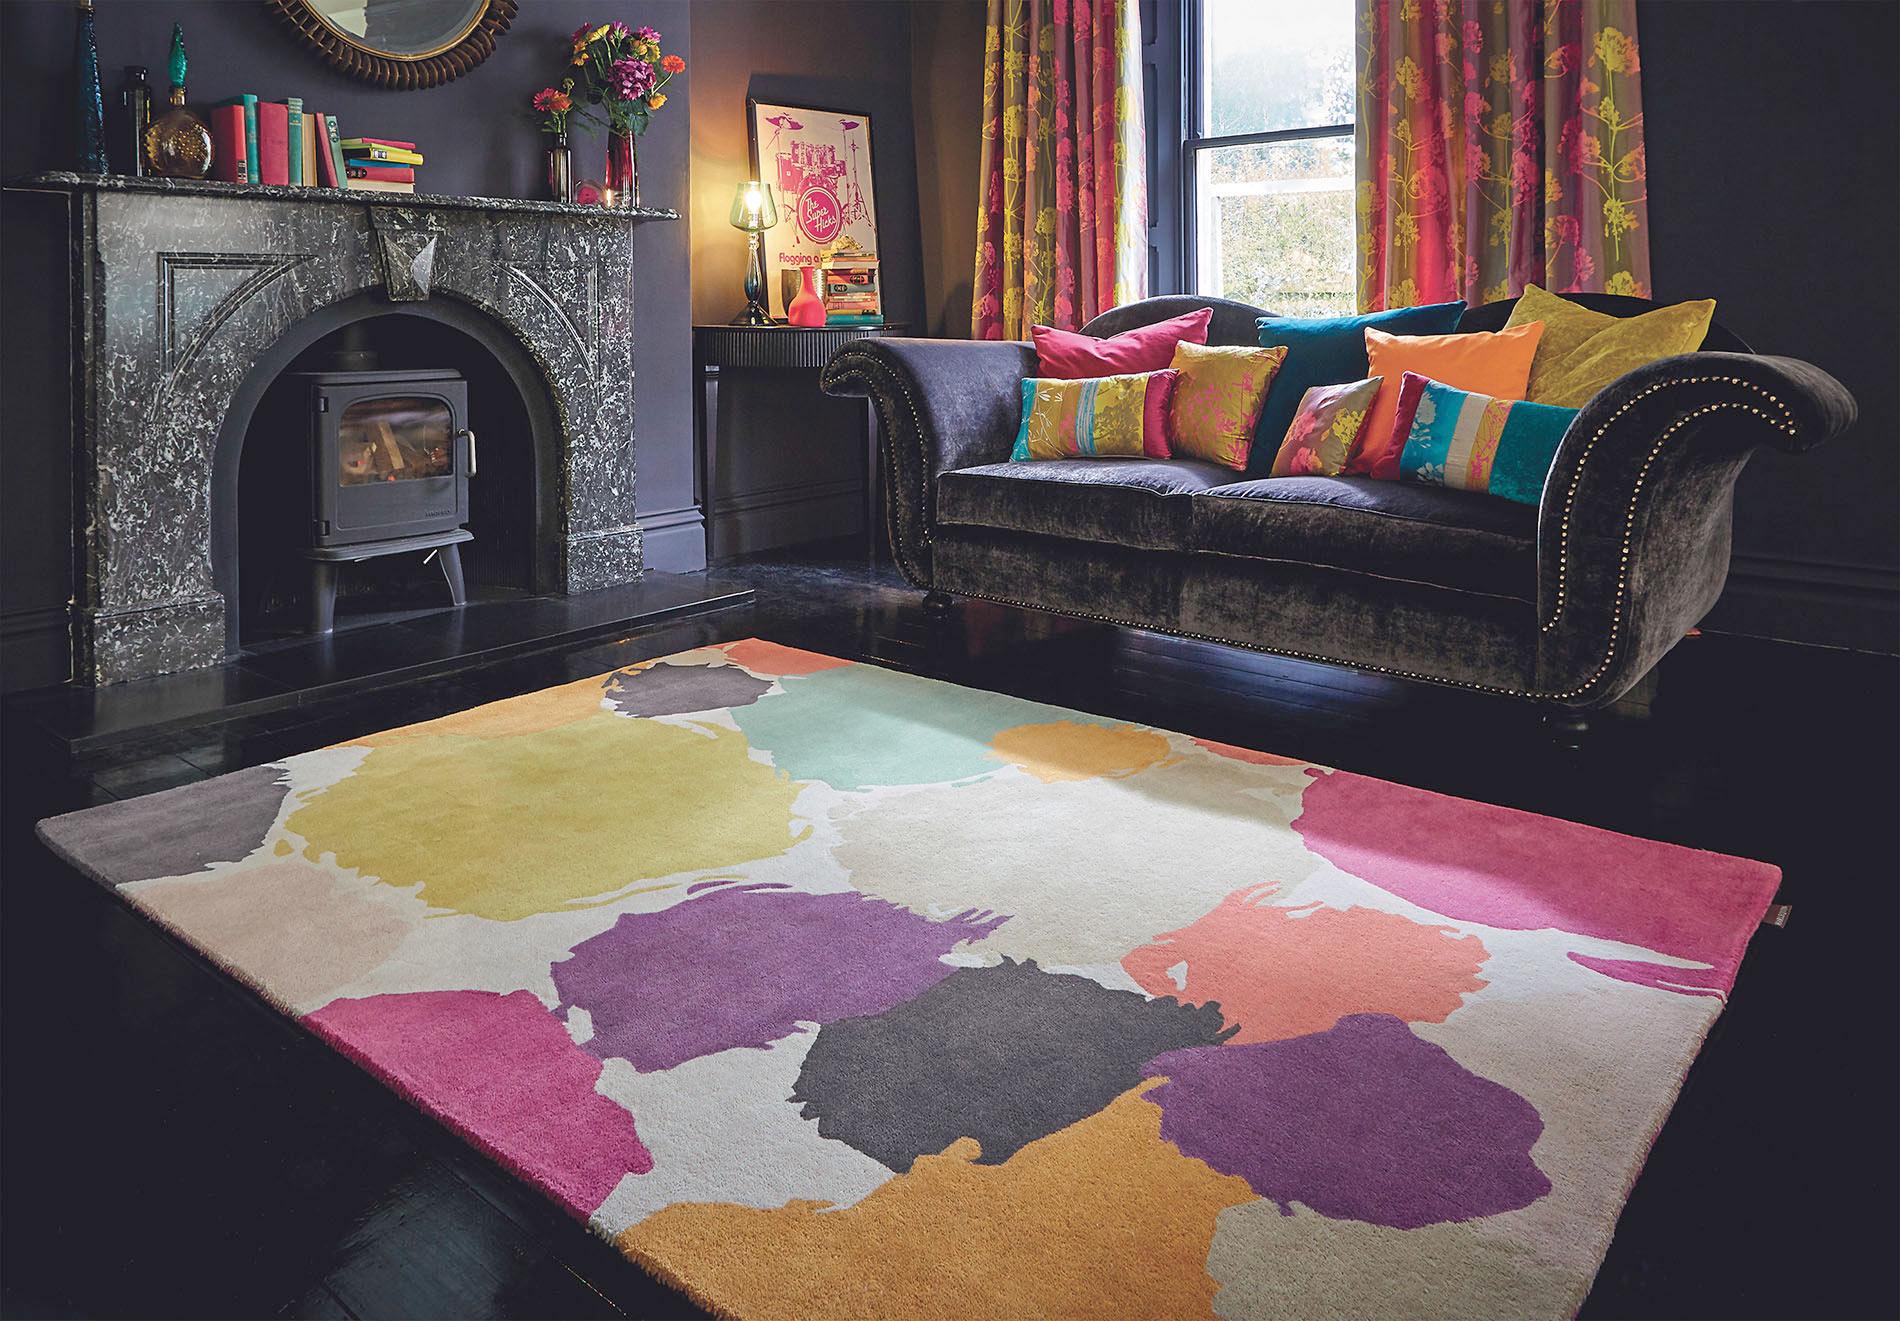 Dlaczego dywan wełniany? Carpets&More Dywany, które